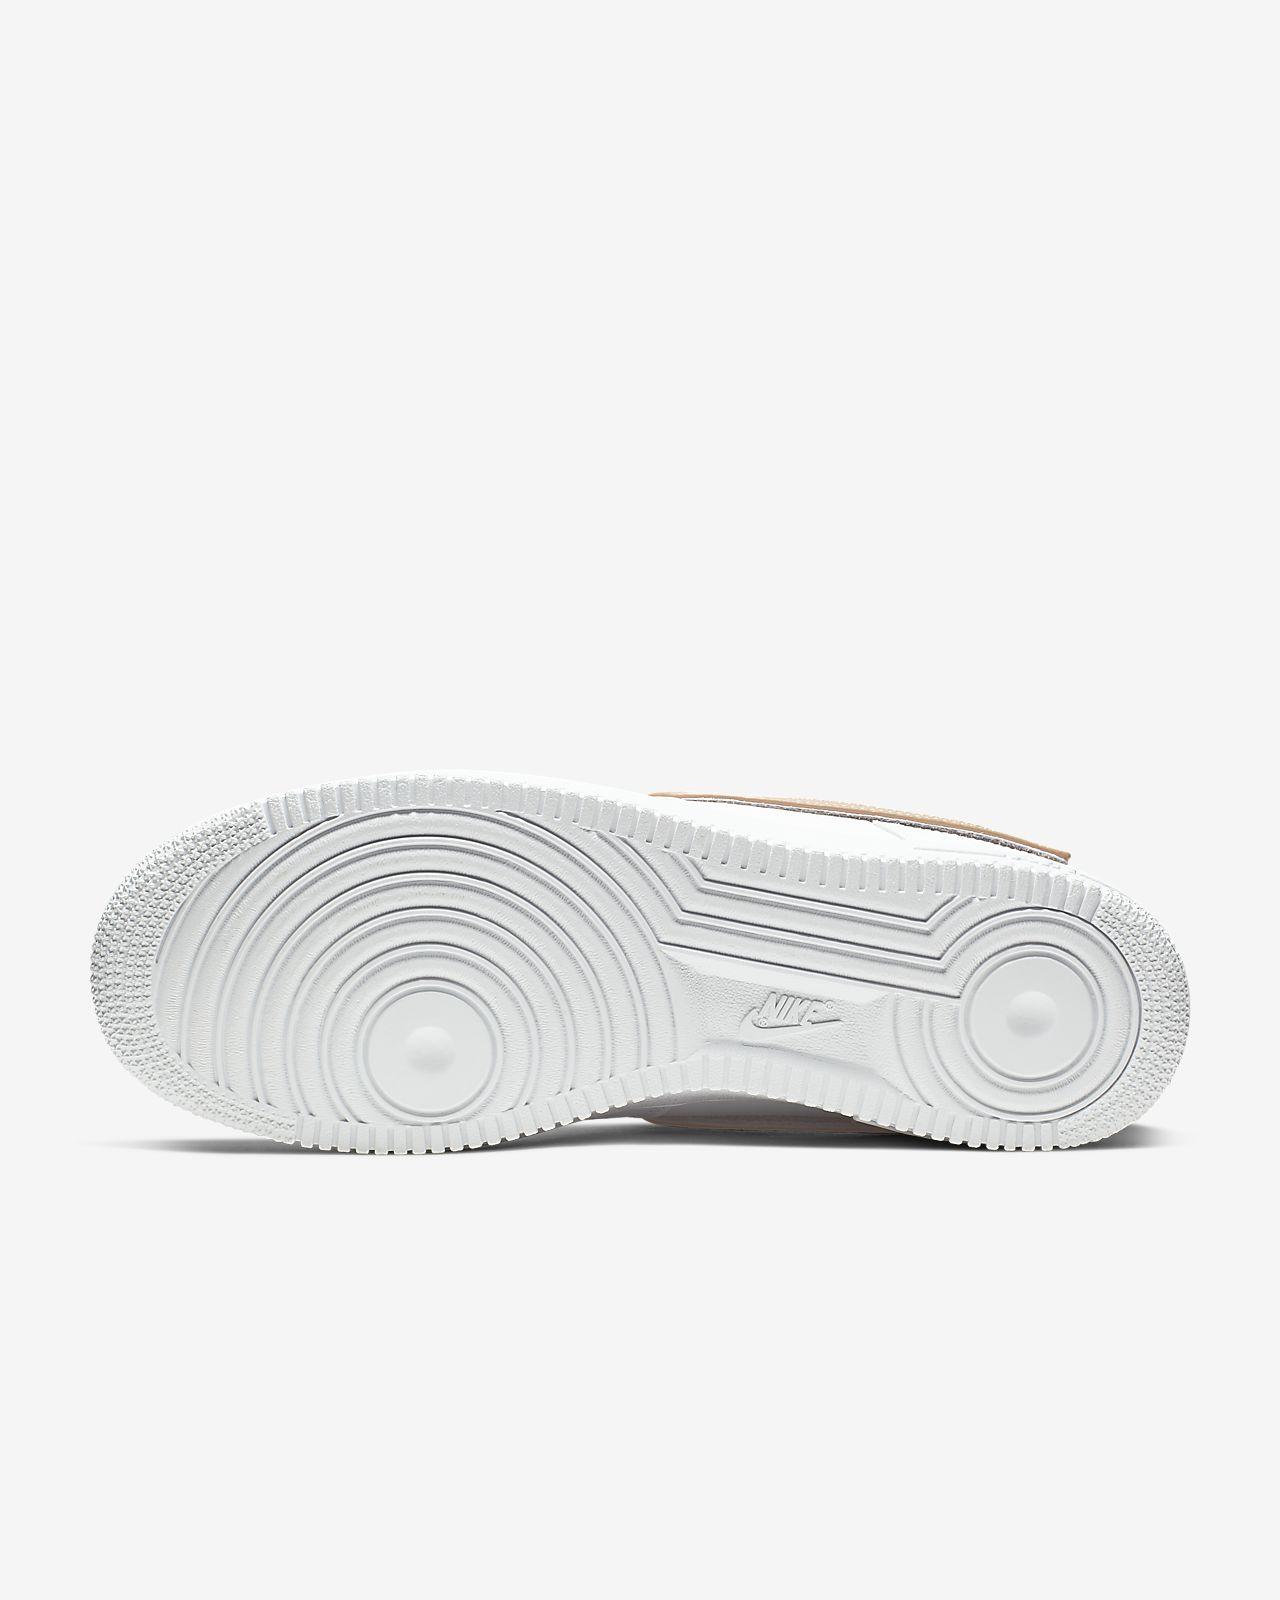 Calzado para hombre con Swoosh extraíble Nike Air Force 1'07 LV8 3